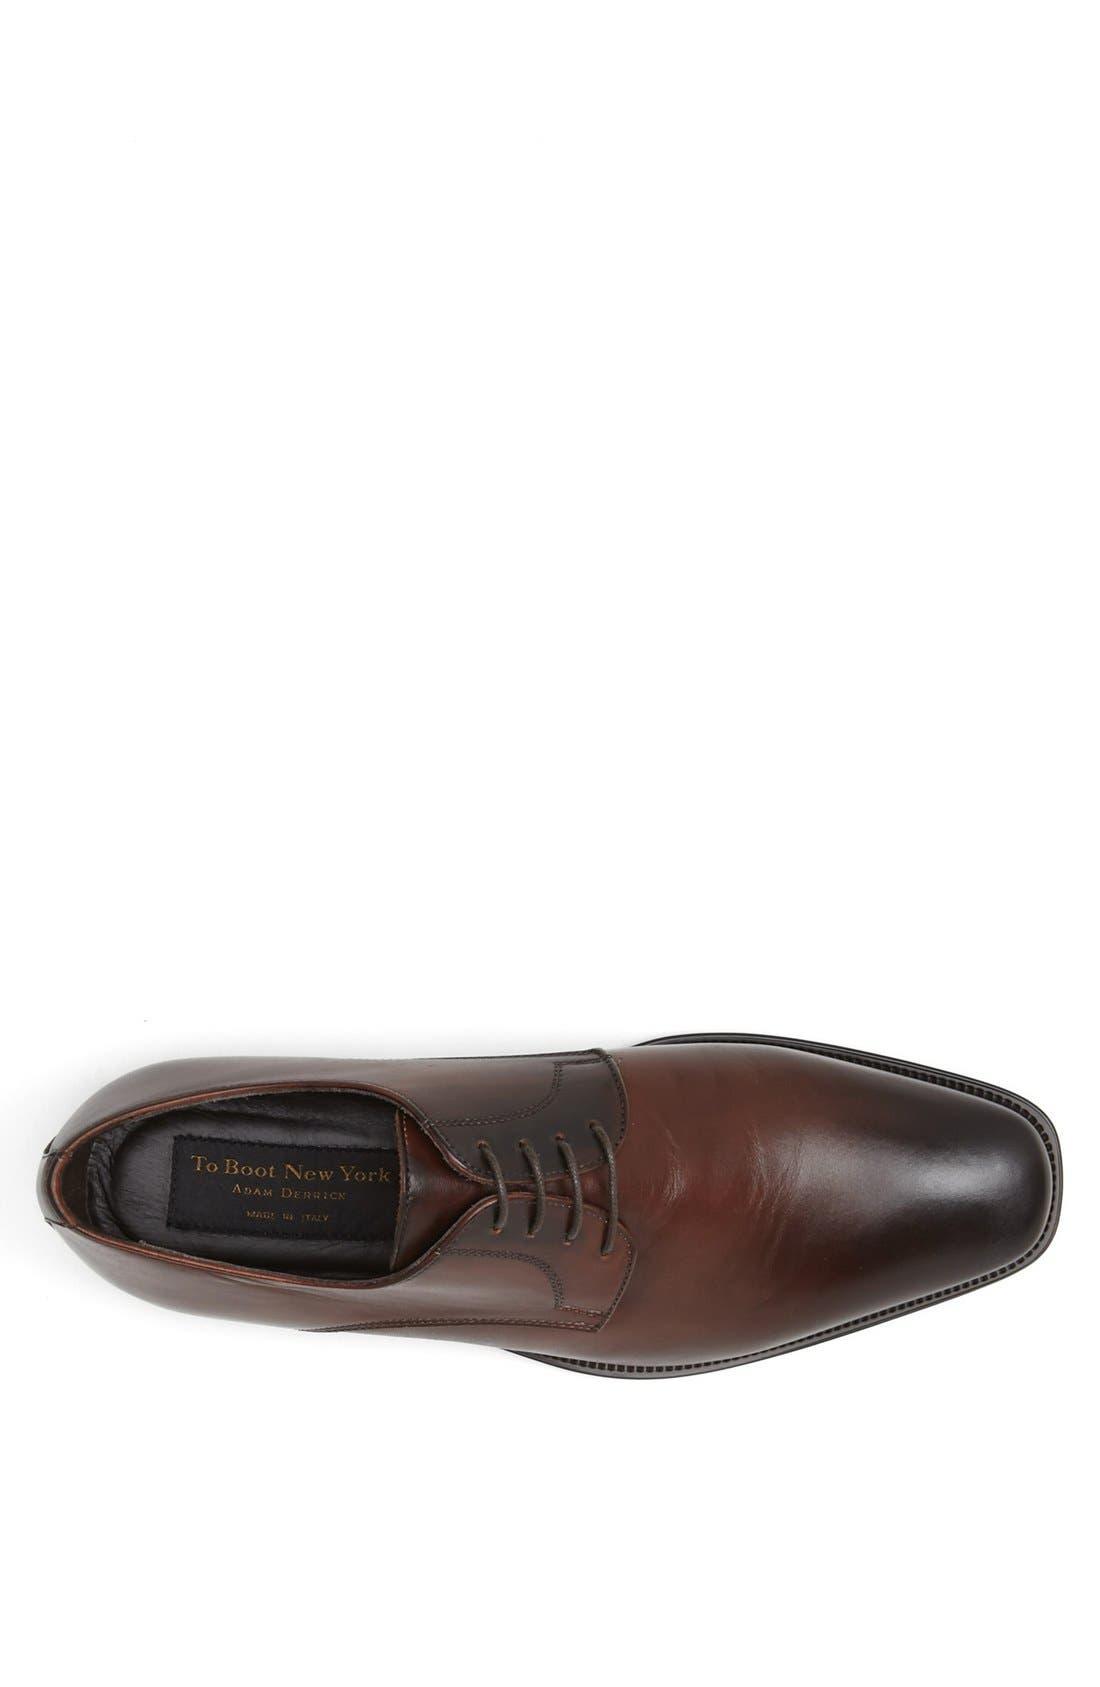 Alternate Image 3  - To Boot New York 'Felix' Plain Toe Derby (Men)